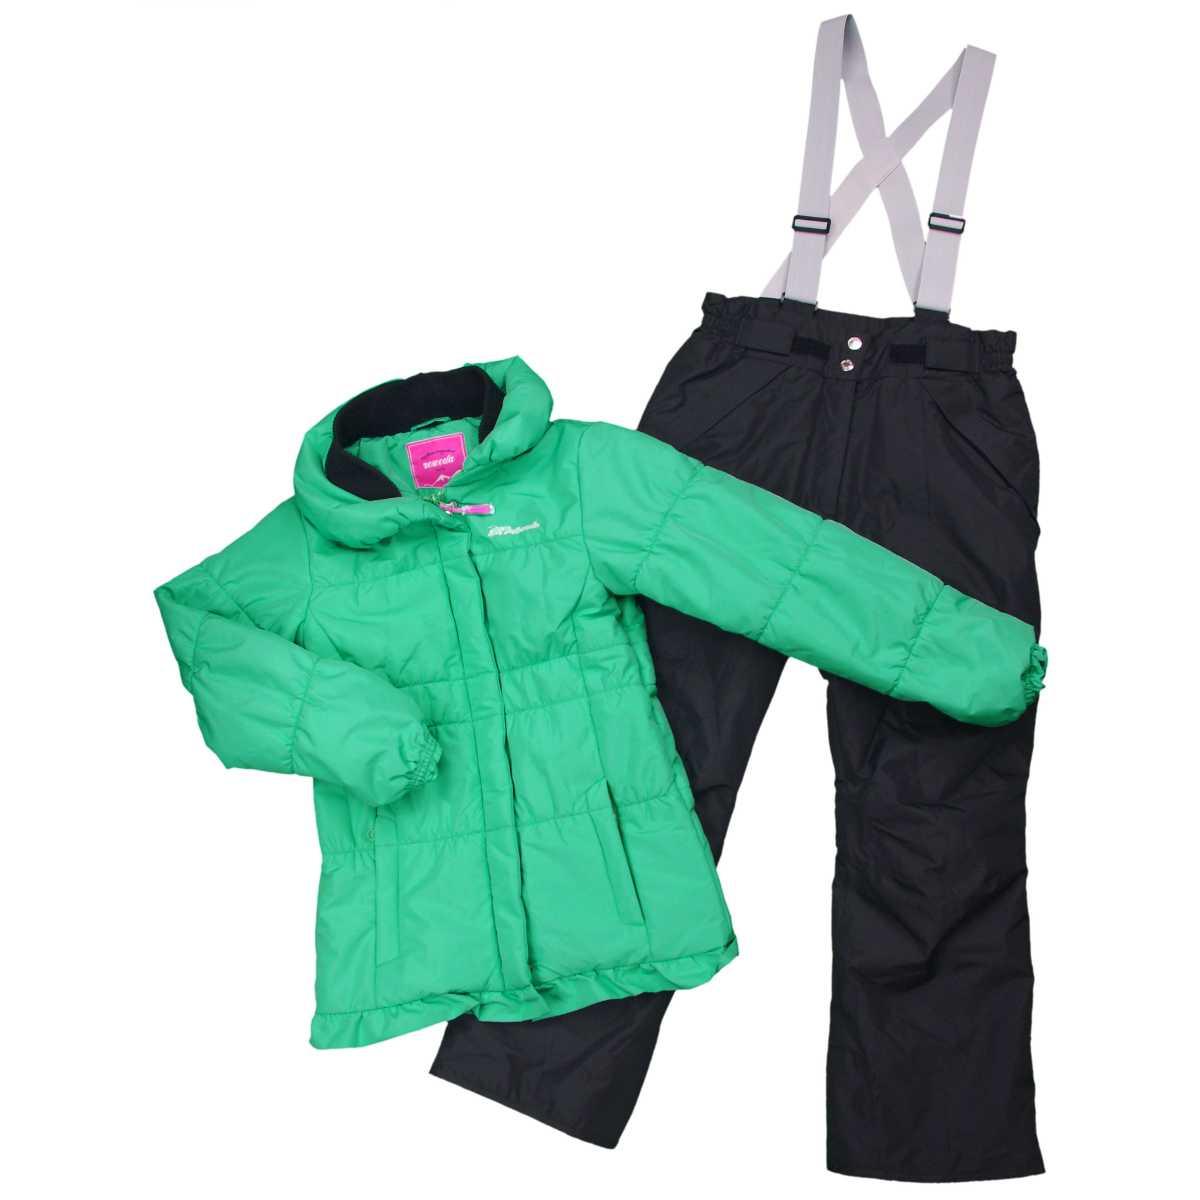 女の子オンヨネスキーウェア上下セット フード(収納可能)付き スキーウェア サンプル品 (ミント/ブラック 130cm 140cm 150cm 160cm) ガールズ ジュニア スキーウェア 全3色